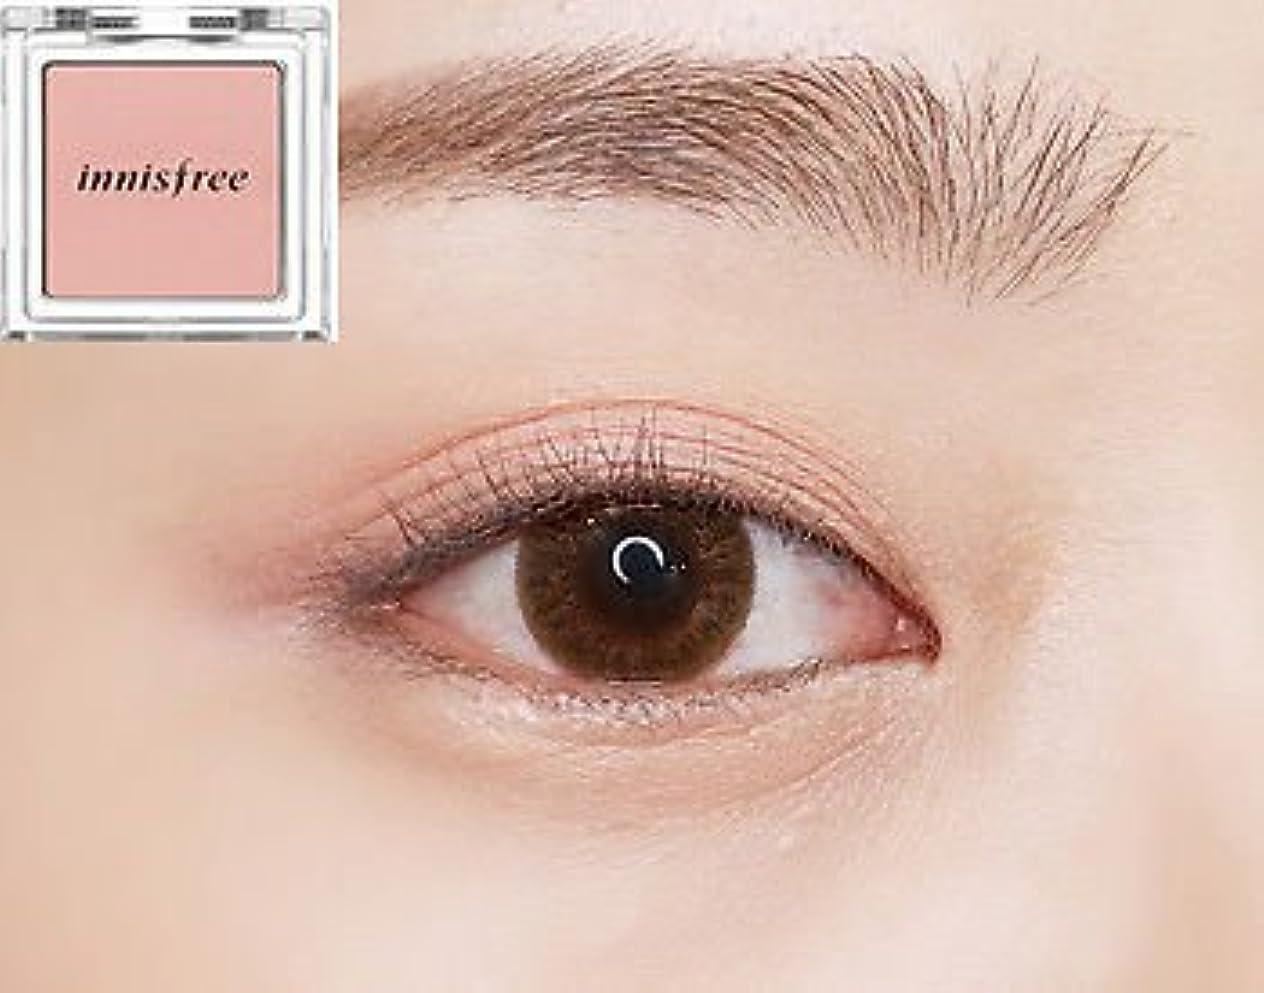 彼ワンダーセグメント[イニスフリー] innisfree [マイ パレット マイ アイシャドウ (シマ一) 39カラー] MY PALETTE My Eyeshadow (Shimmer) 39 Shades [海外直送品] (シマ一 #03)